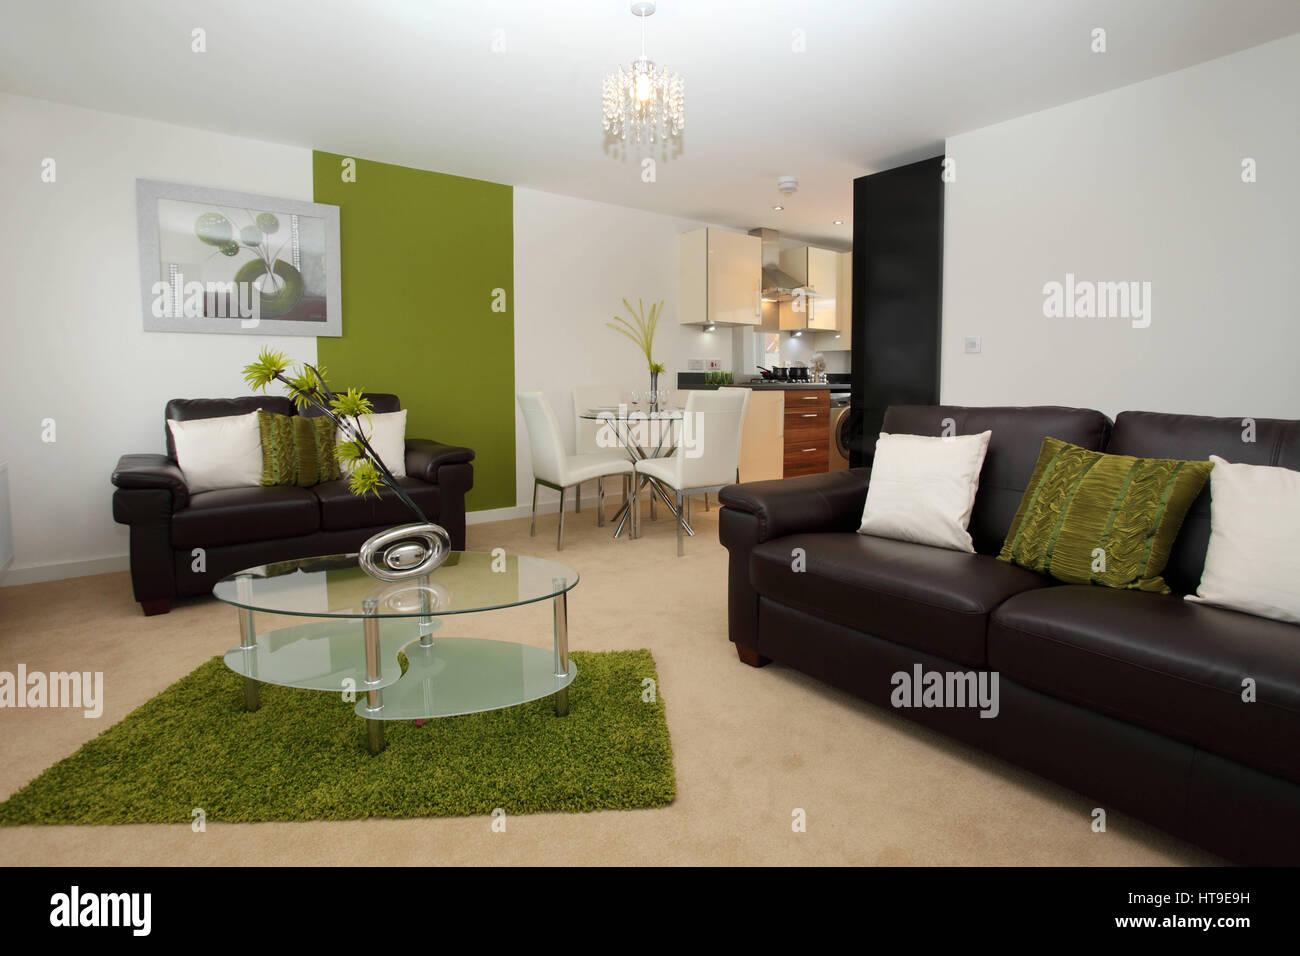 Apartamento interior, moderno salón/cocina/comedor, sala de estar ...